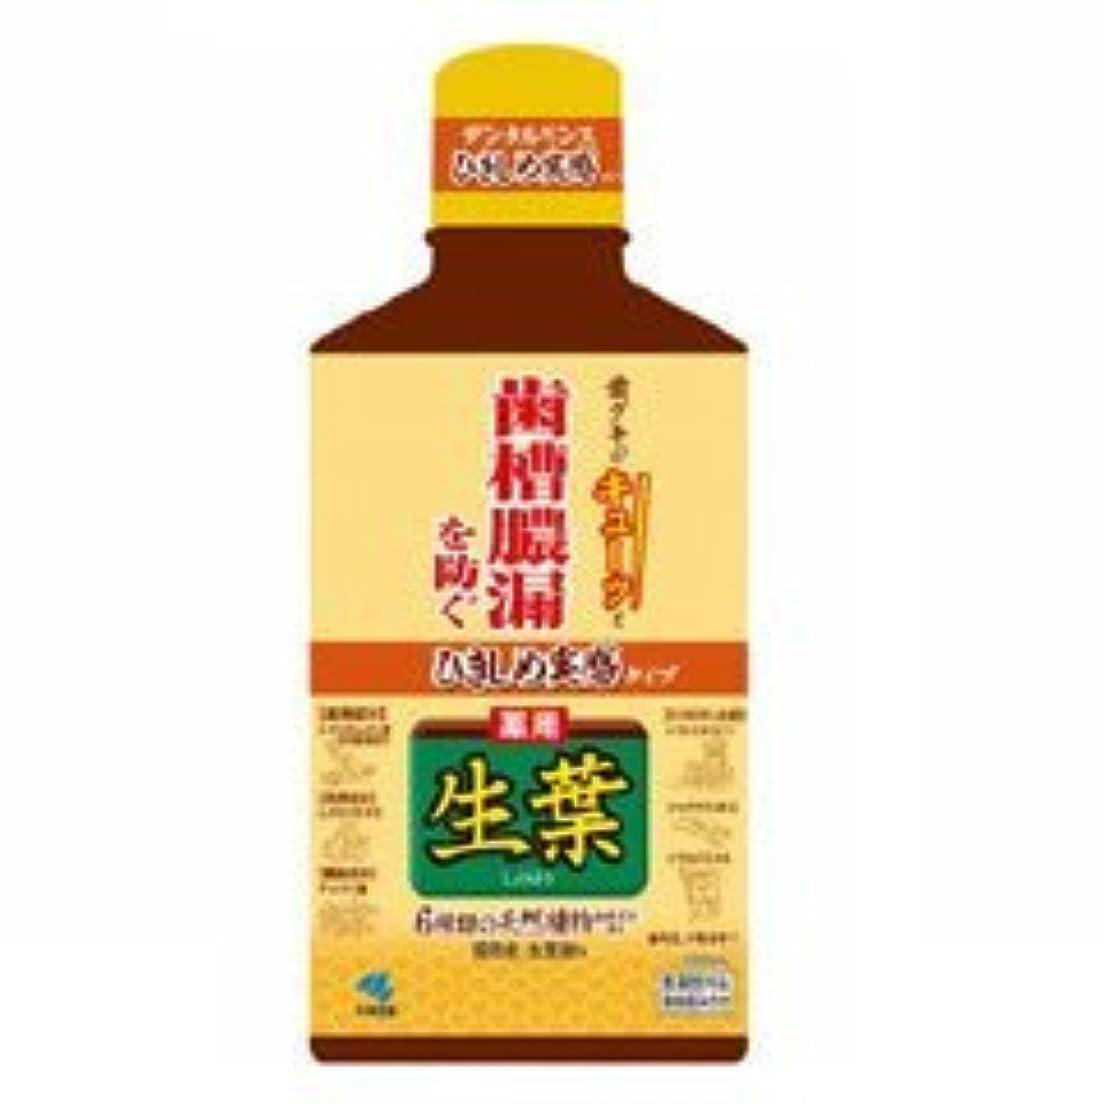 【小林製薬】生葉 ひきしめ生葉液 330ml